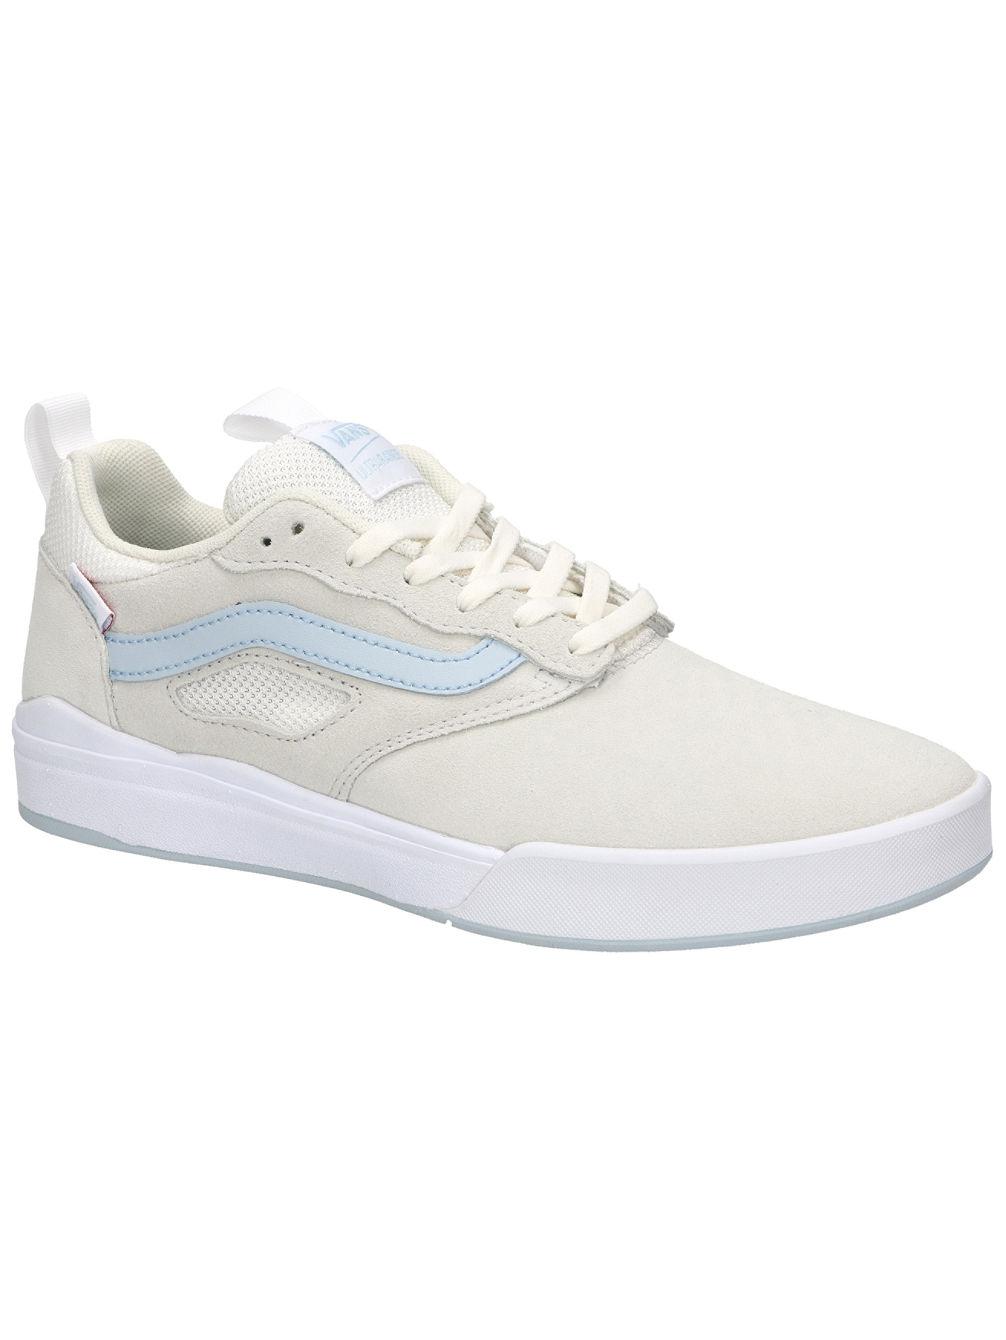 e8c92644559bad Buy Vans Center Court Ultrarange Pro Skate Shoes online at blue-tomato.com